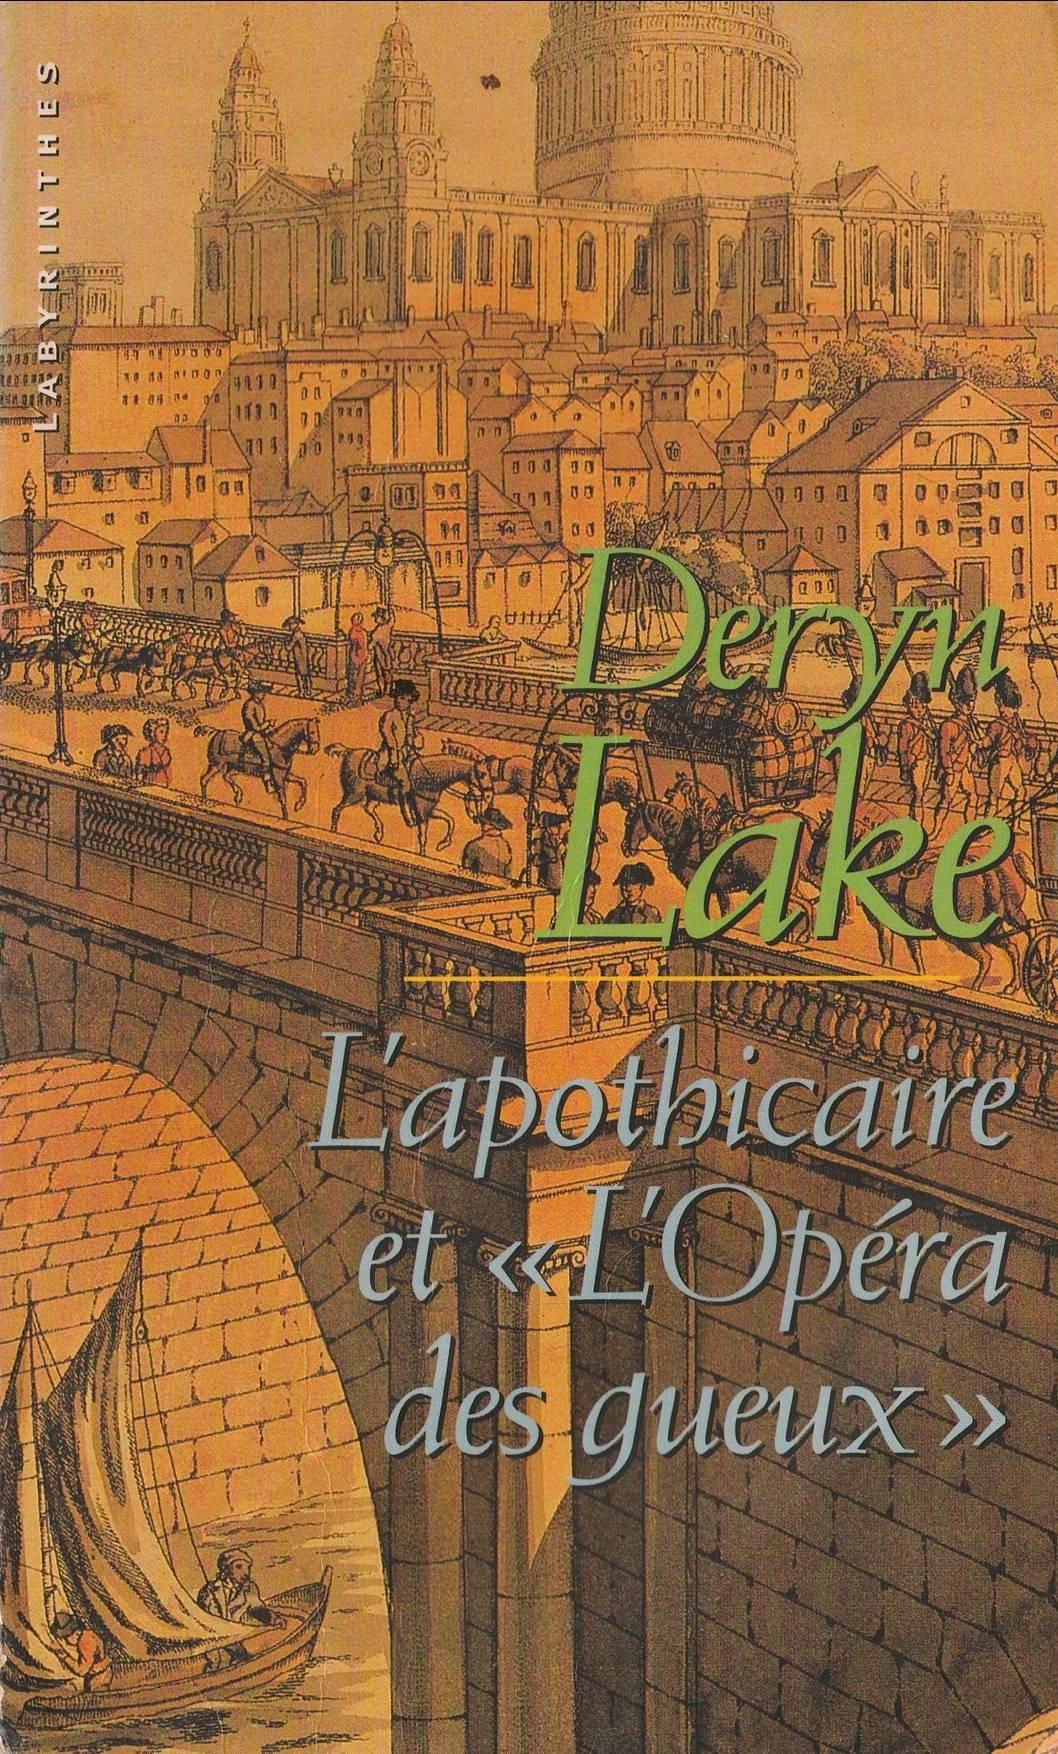 Apothicaire - Opéra des gueux - Deryn Lake.jpg